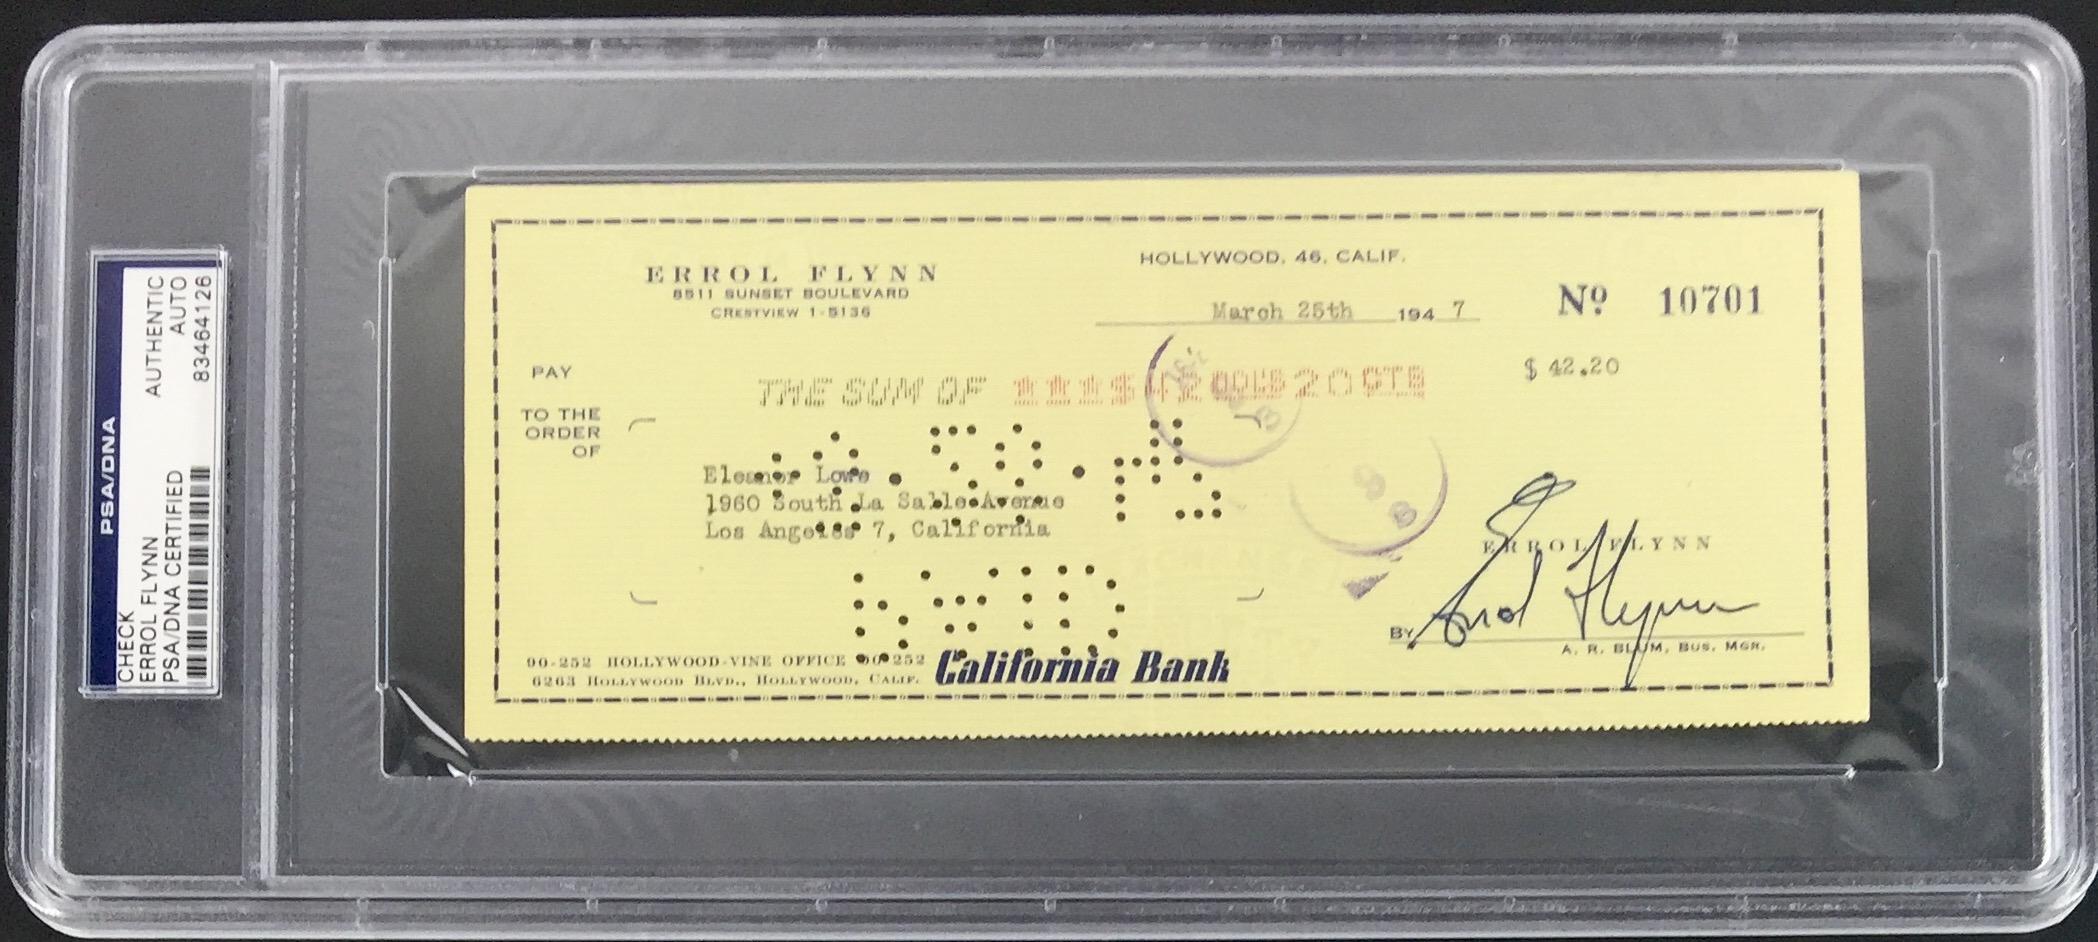 lot detail errol flynn signed vintage bank check c 1947 psa dna encapsulated. Black Bedroom Furniture Sets. Home Design Ideas